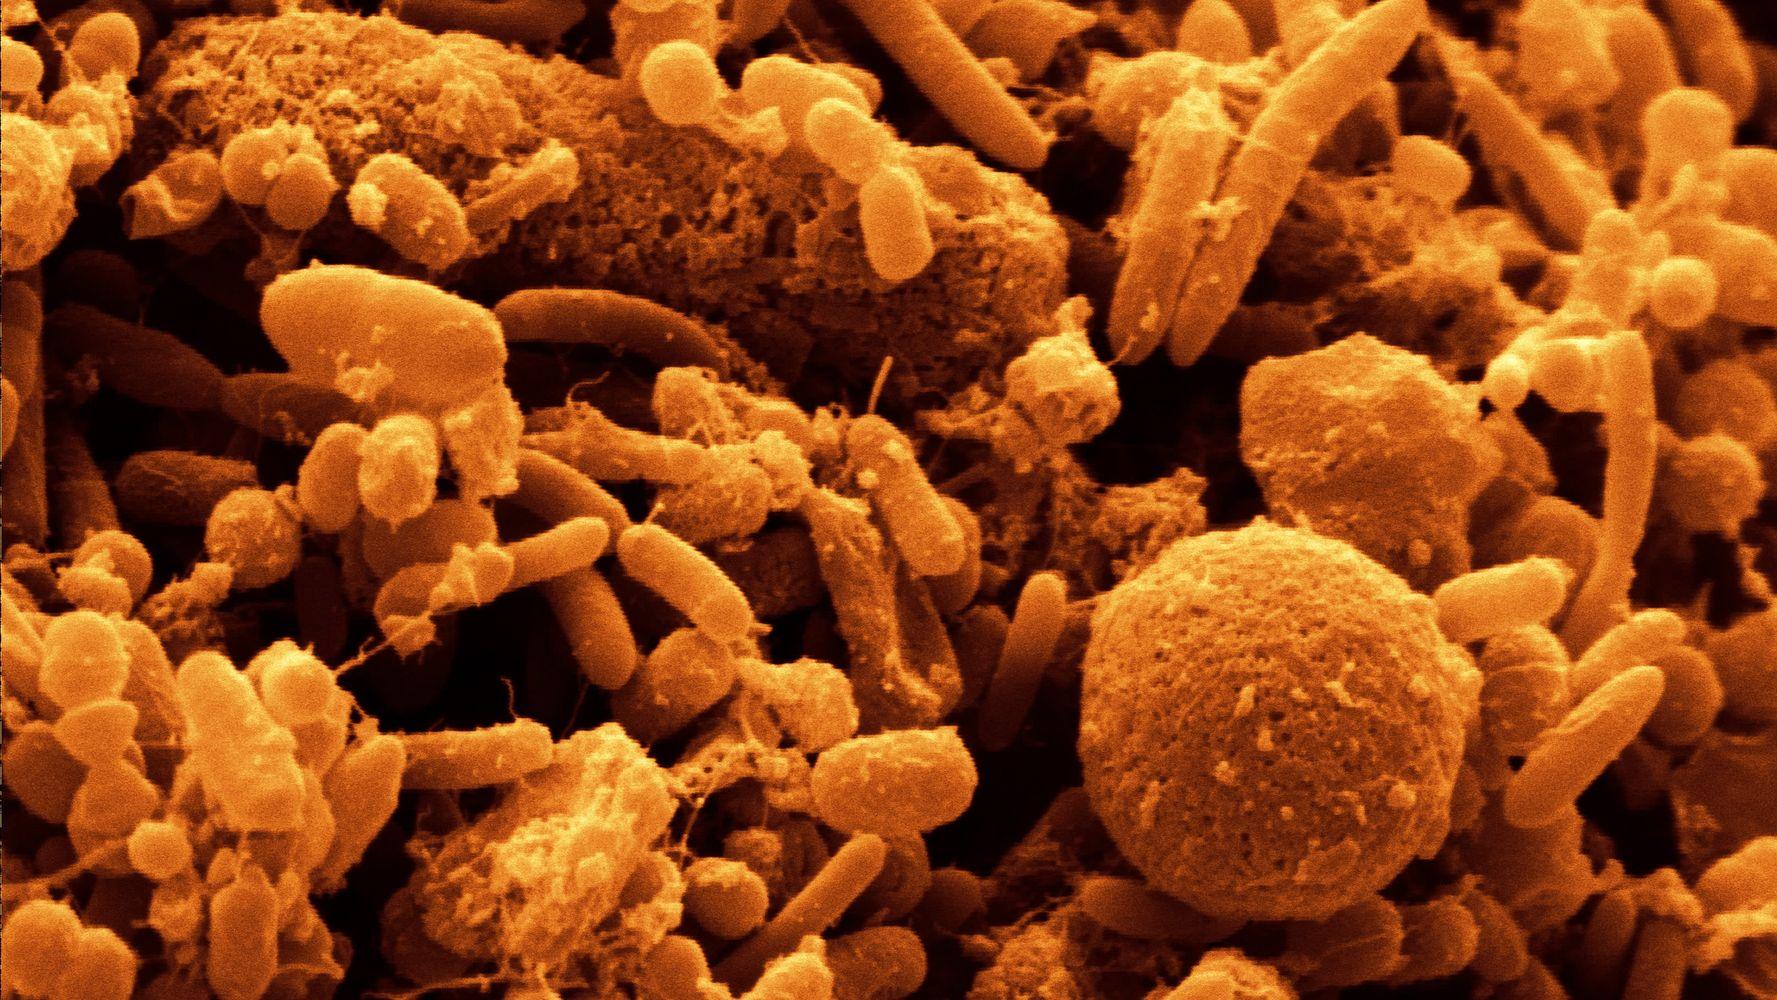 вам, фото бактерий человека на теле поболтаем женских